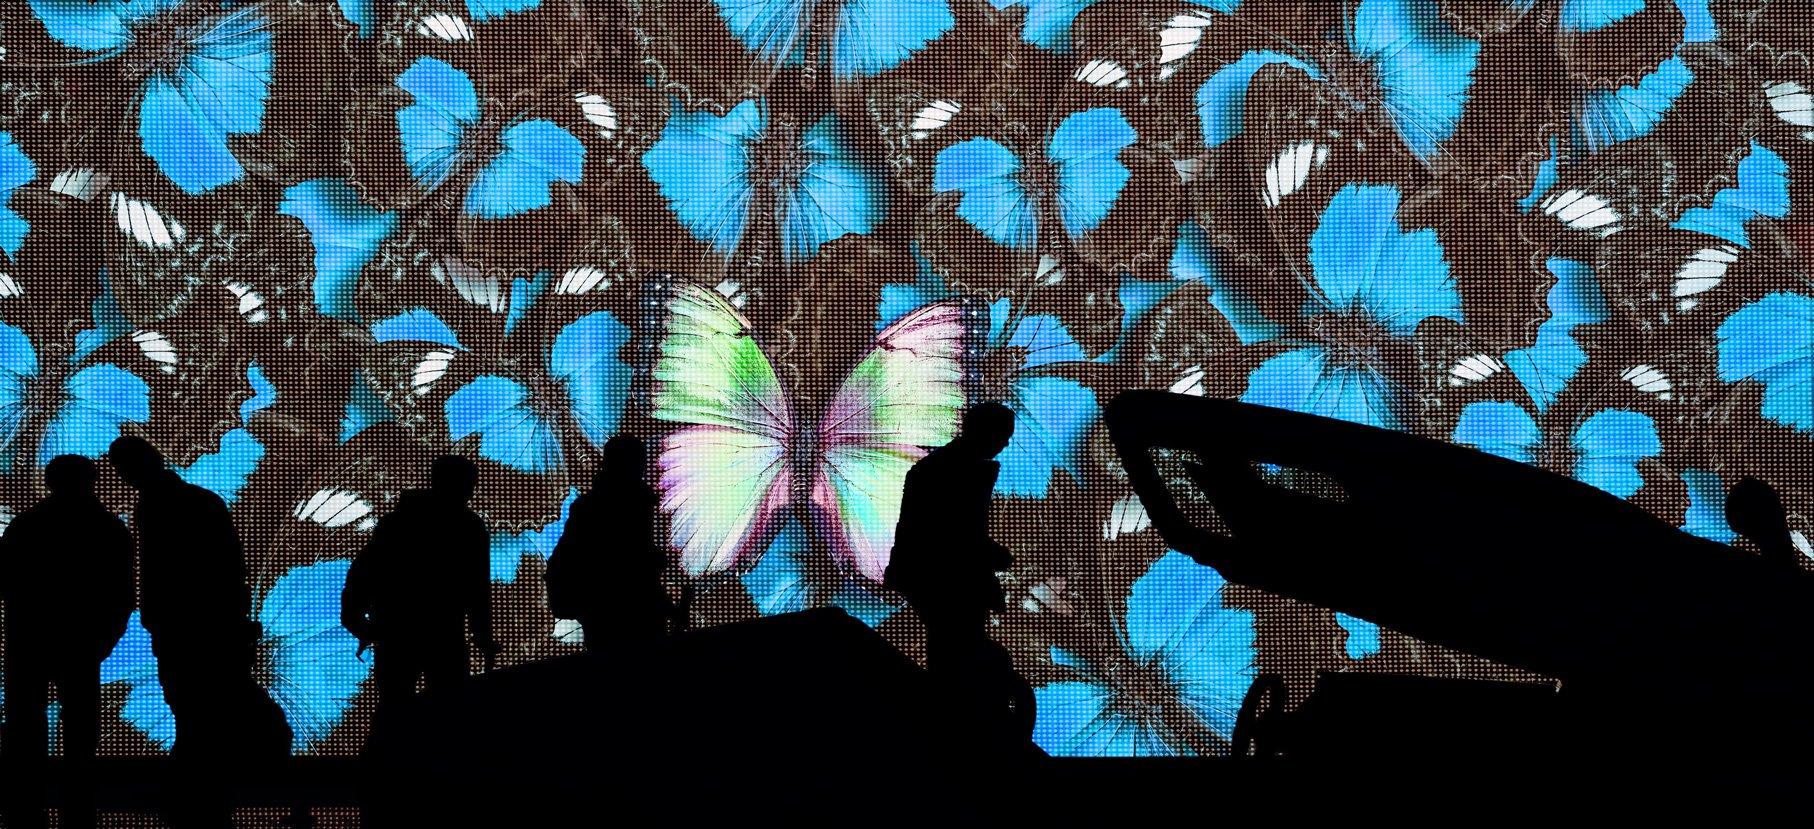 Farfalle proiettate su videowall di una fiera automotive